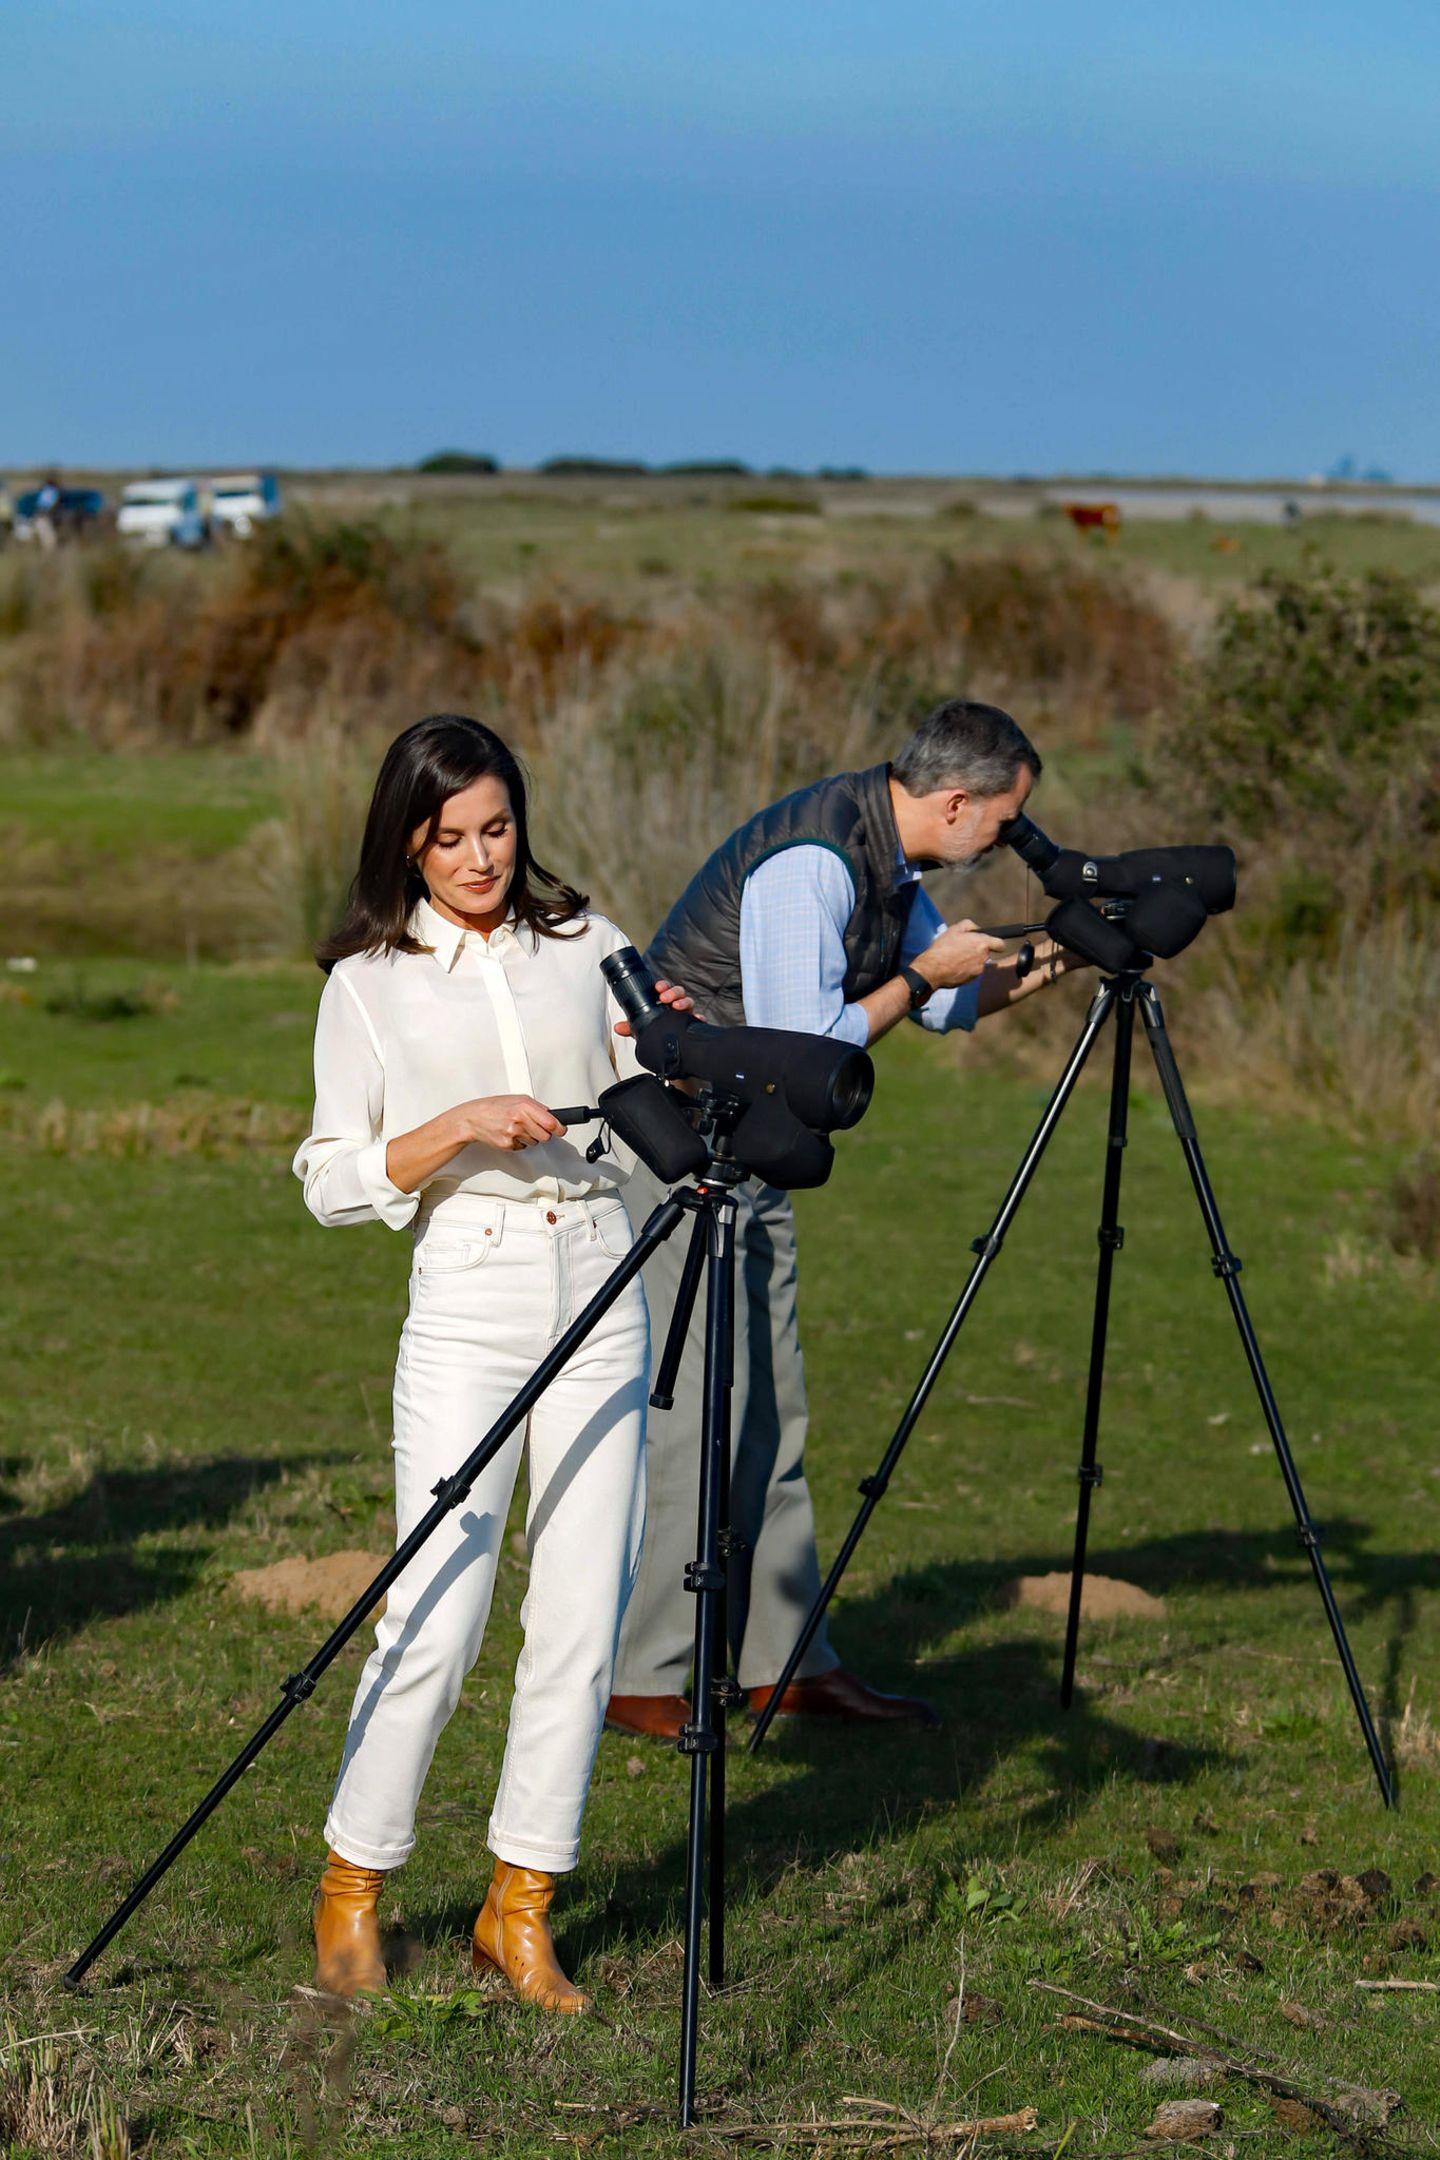 So trägt Letizia eine weiße Jeans imbequemen Straight Leg Fit. Dazu trägt sie eine cremefarbene Bluse, die sie locker in den Jeansbund gesteckt hat. Zum besonderen Hingucker werden die cognacfarbenen Boots der Königin, die sich perfekt für den Ausflug in Spaniens wichtiges Feuchtgebiet eignen.